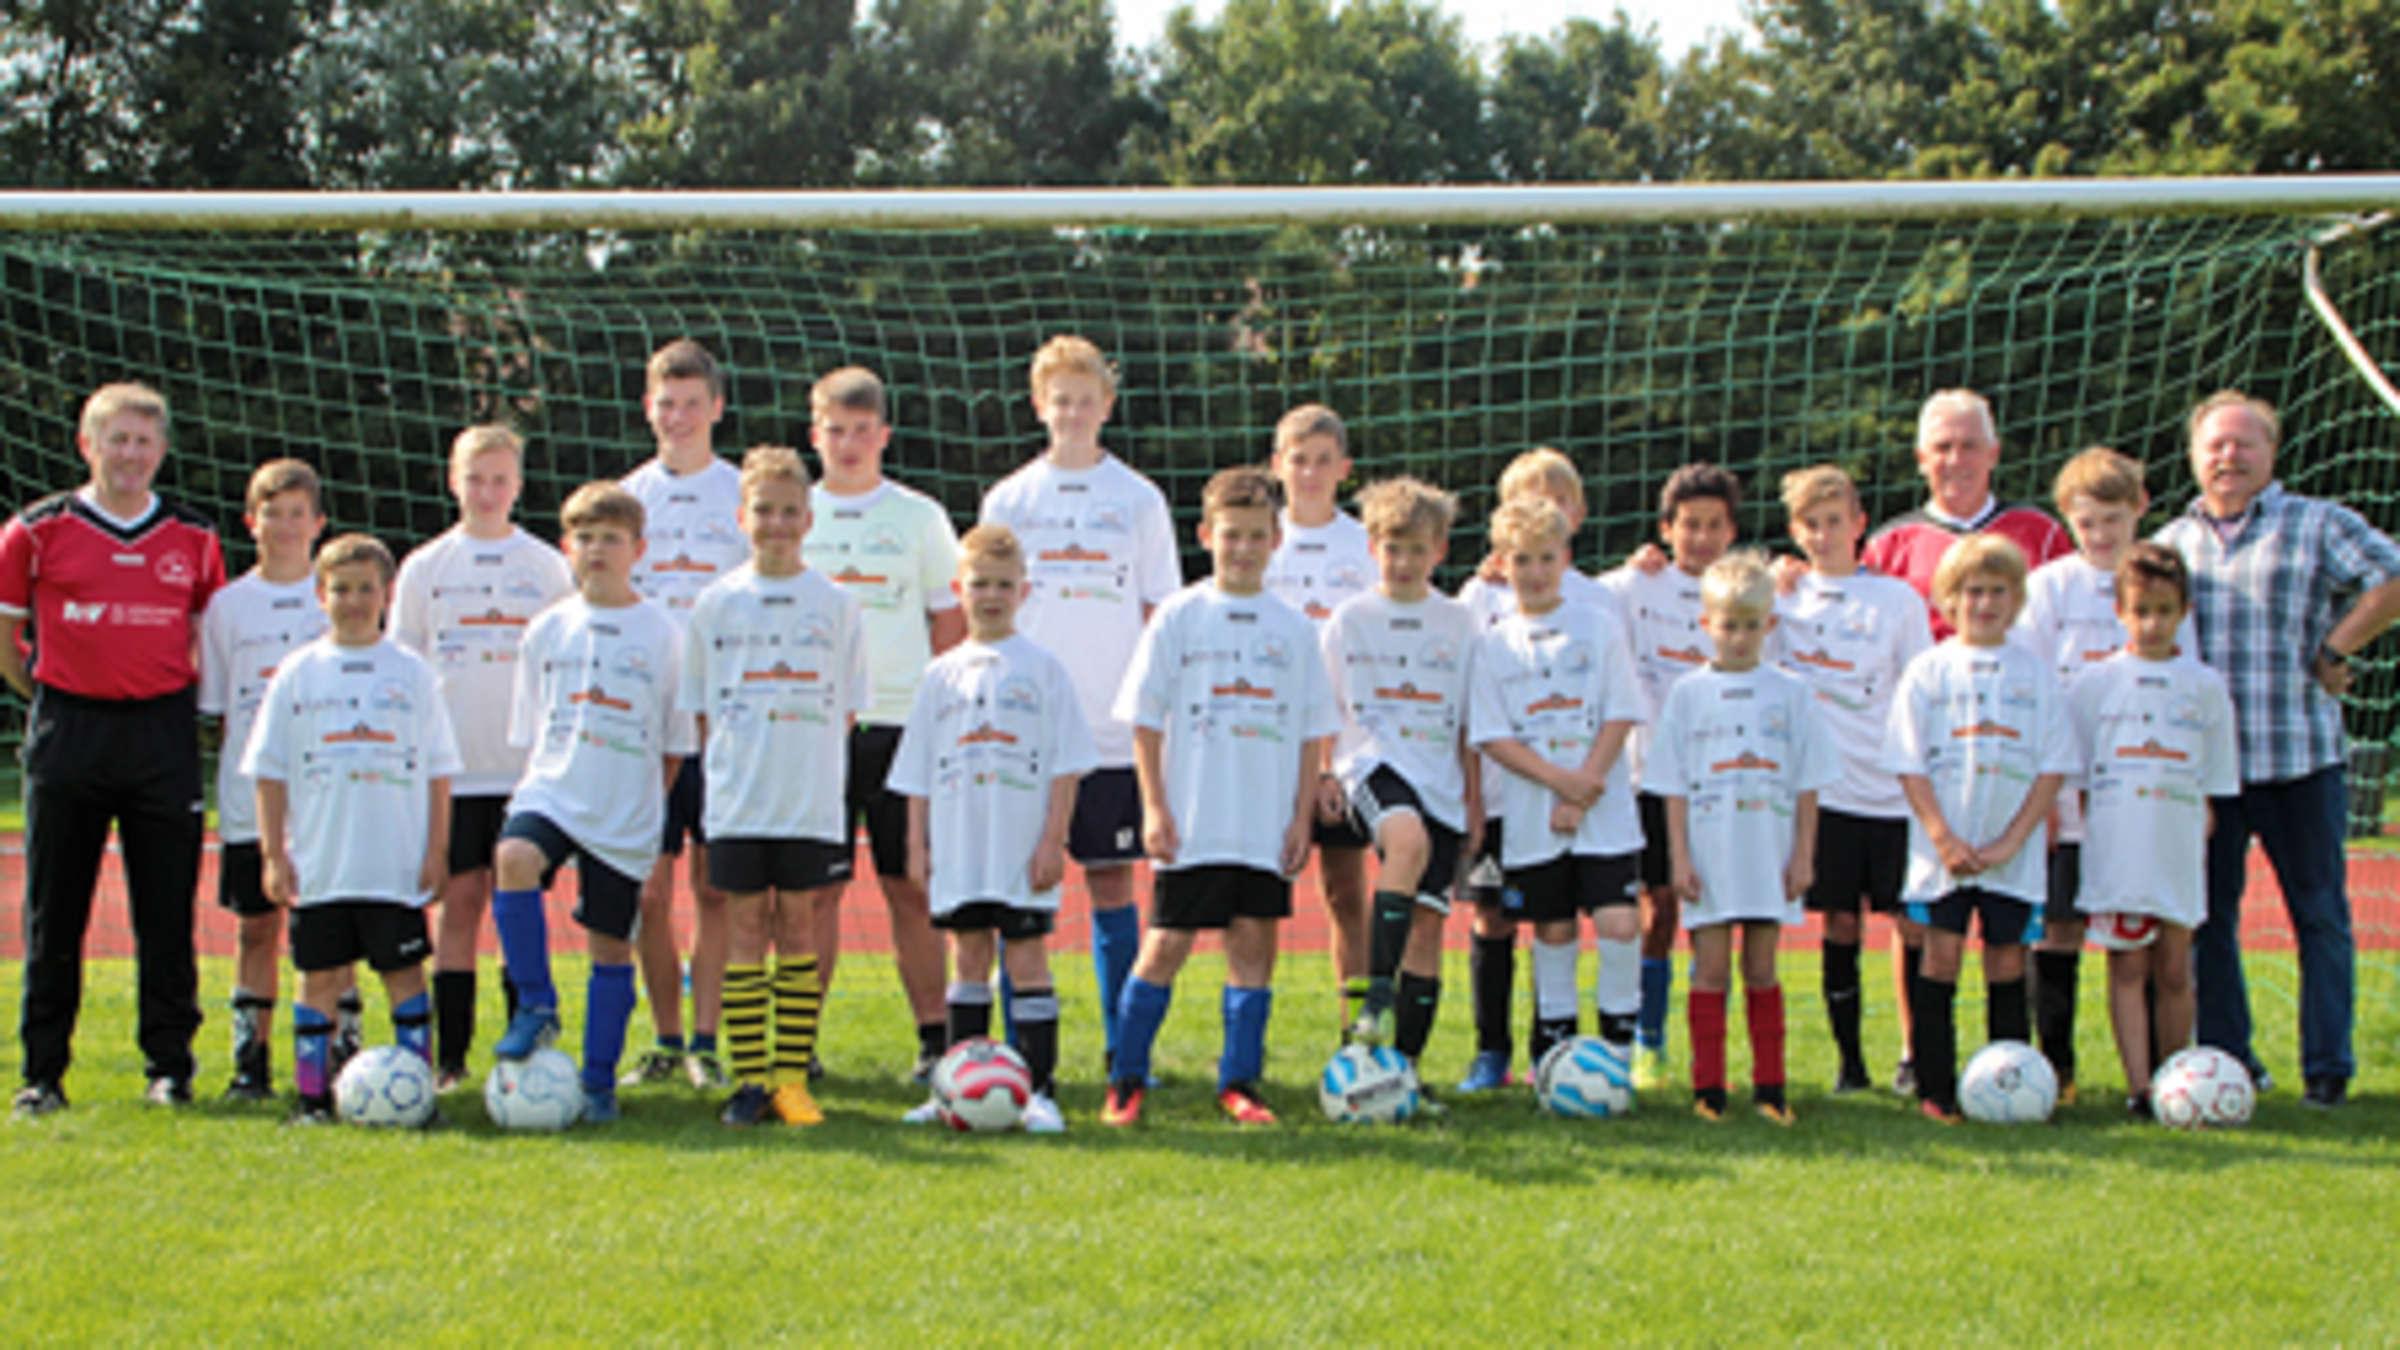 Klaus Fischer Fussballschule Zu Gast Lokalsport Fehmarn